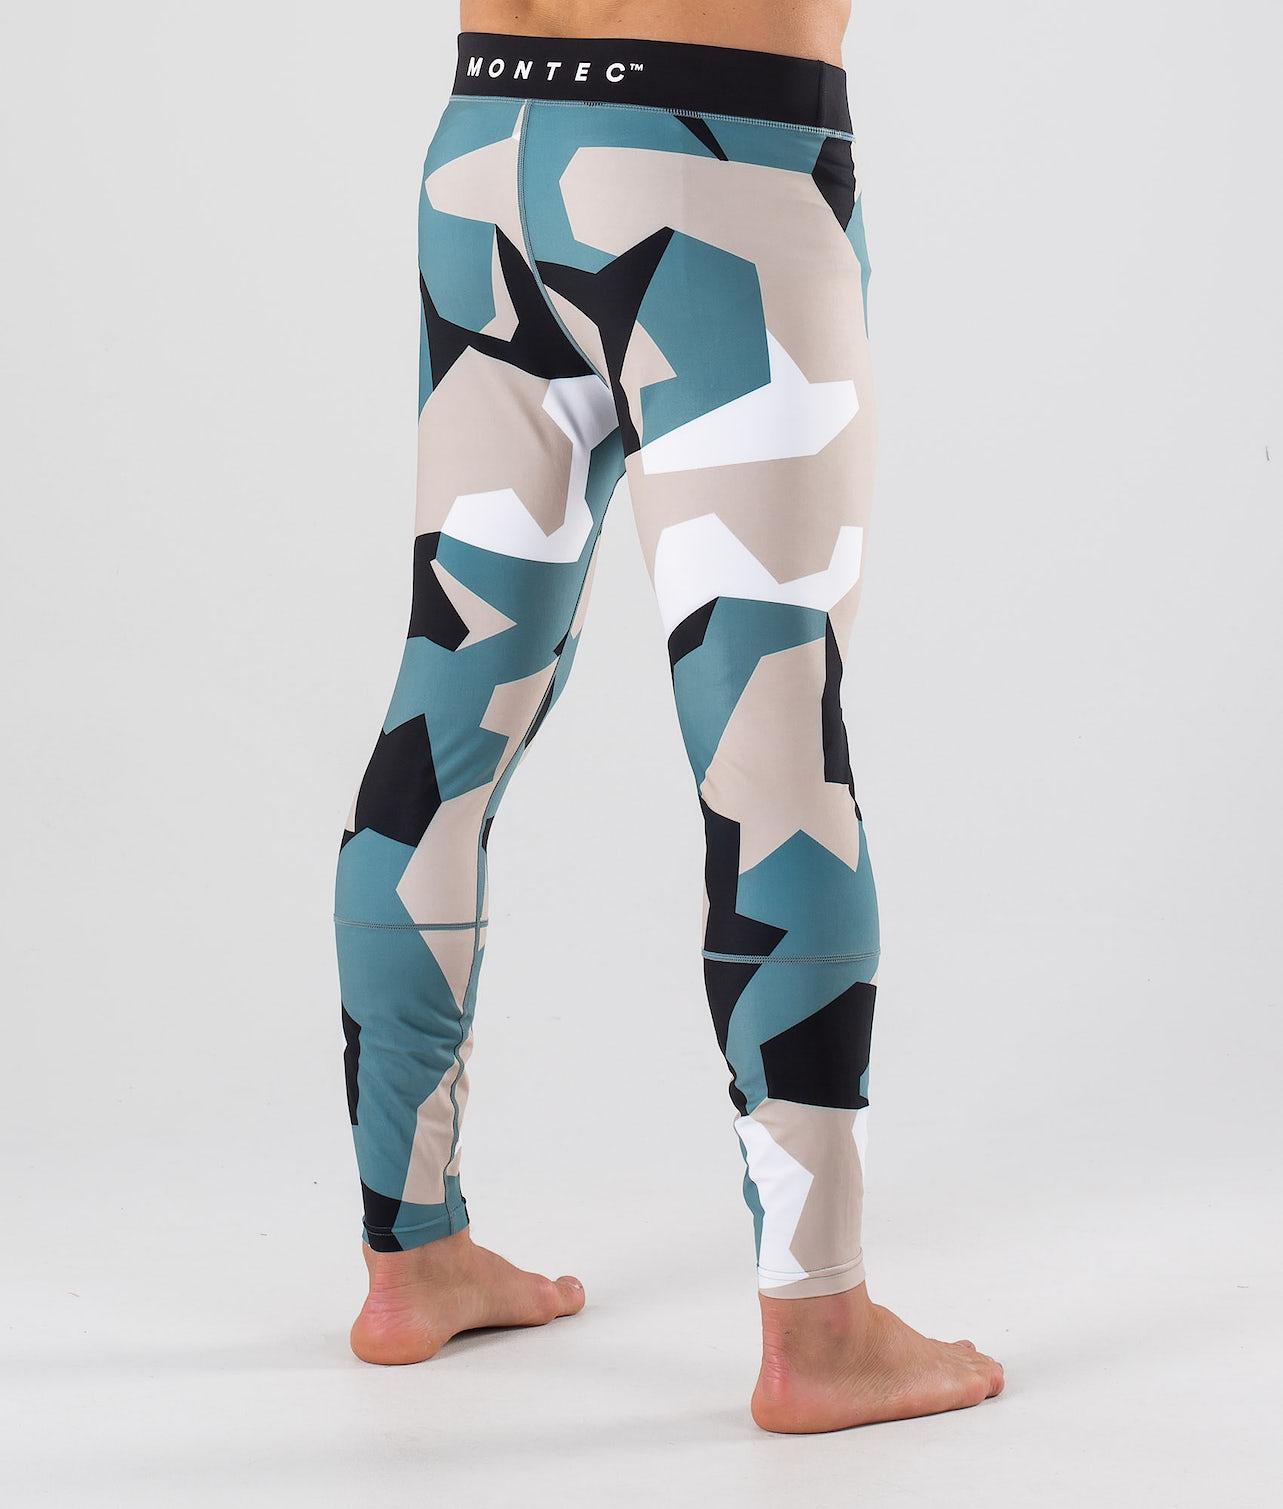 Kjøp Zulu Superundertøy bukse fra Montec på Ridestore.no - Hos oss har du alltid fri frakt, fri retur og 30 dagers åpent kjøp!